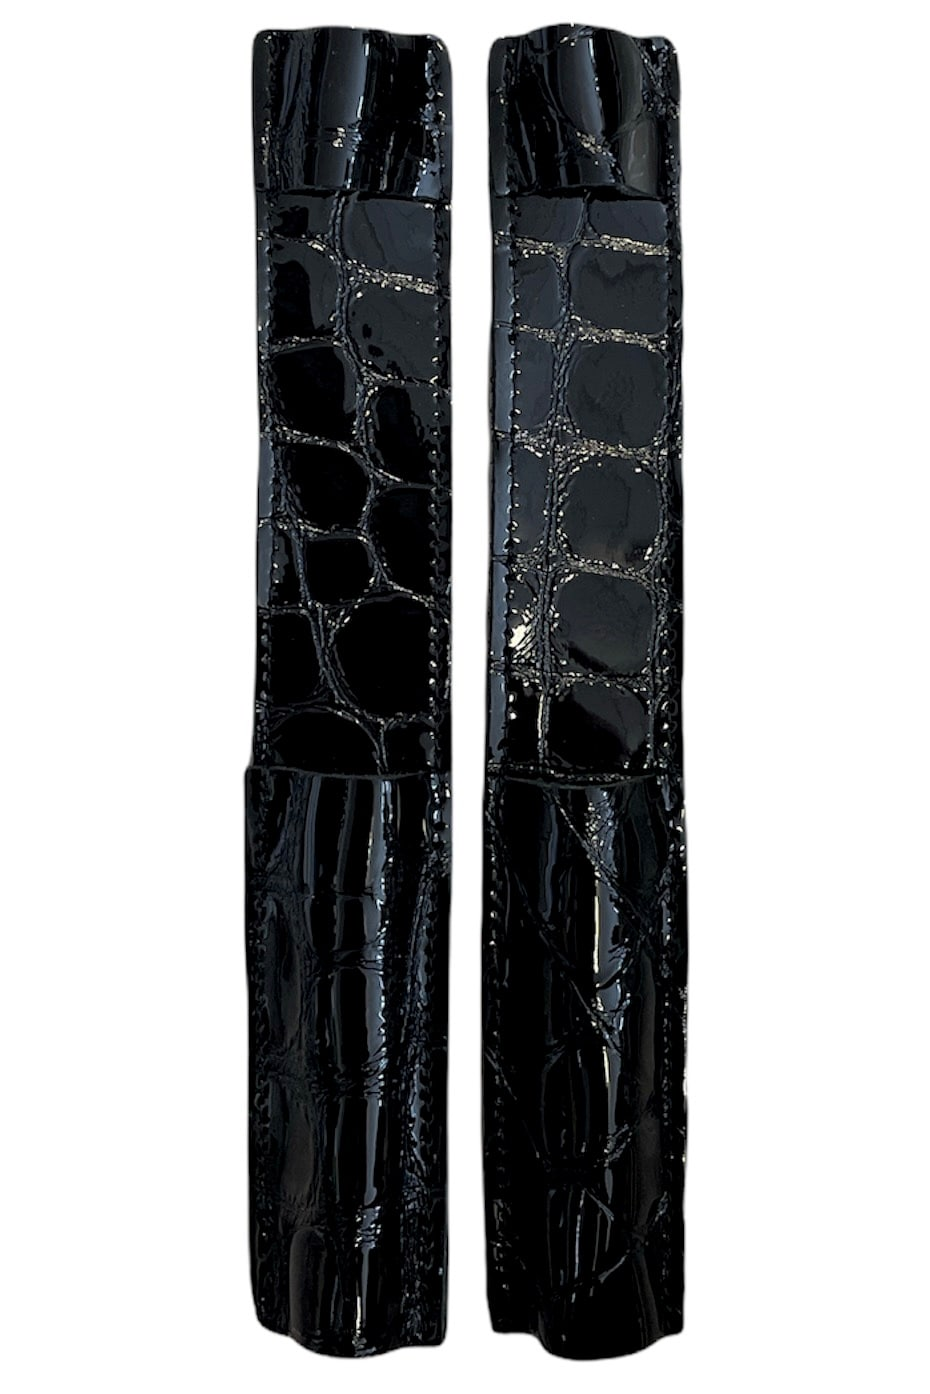 Celeris Spur Protectors - Patent Black Croc